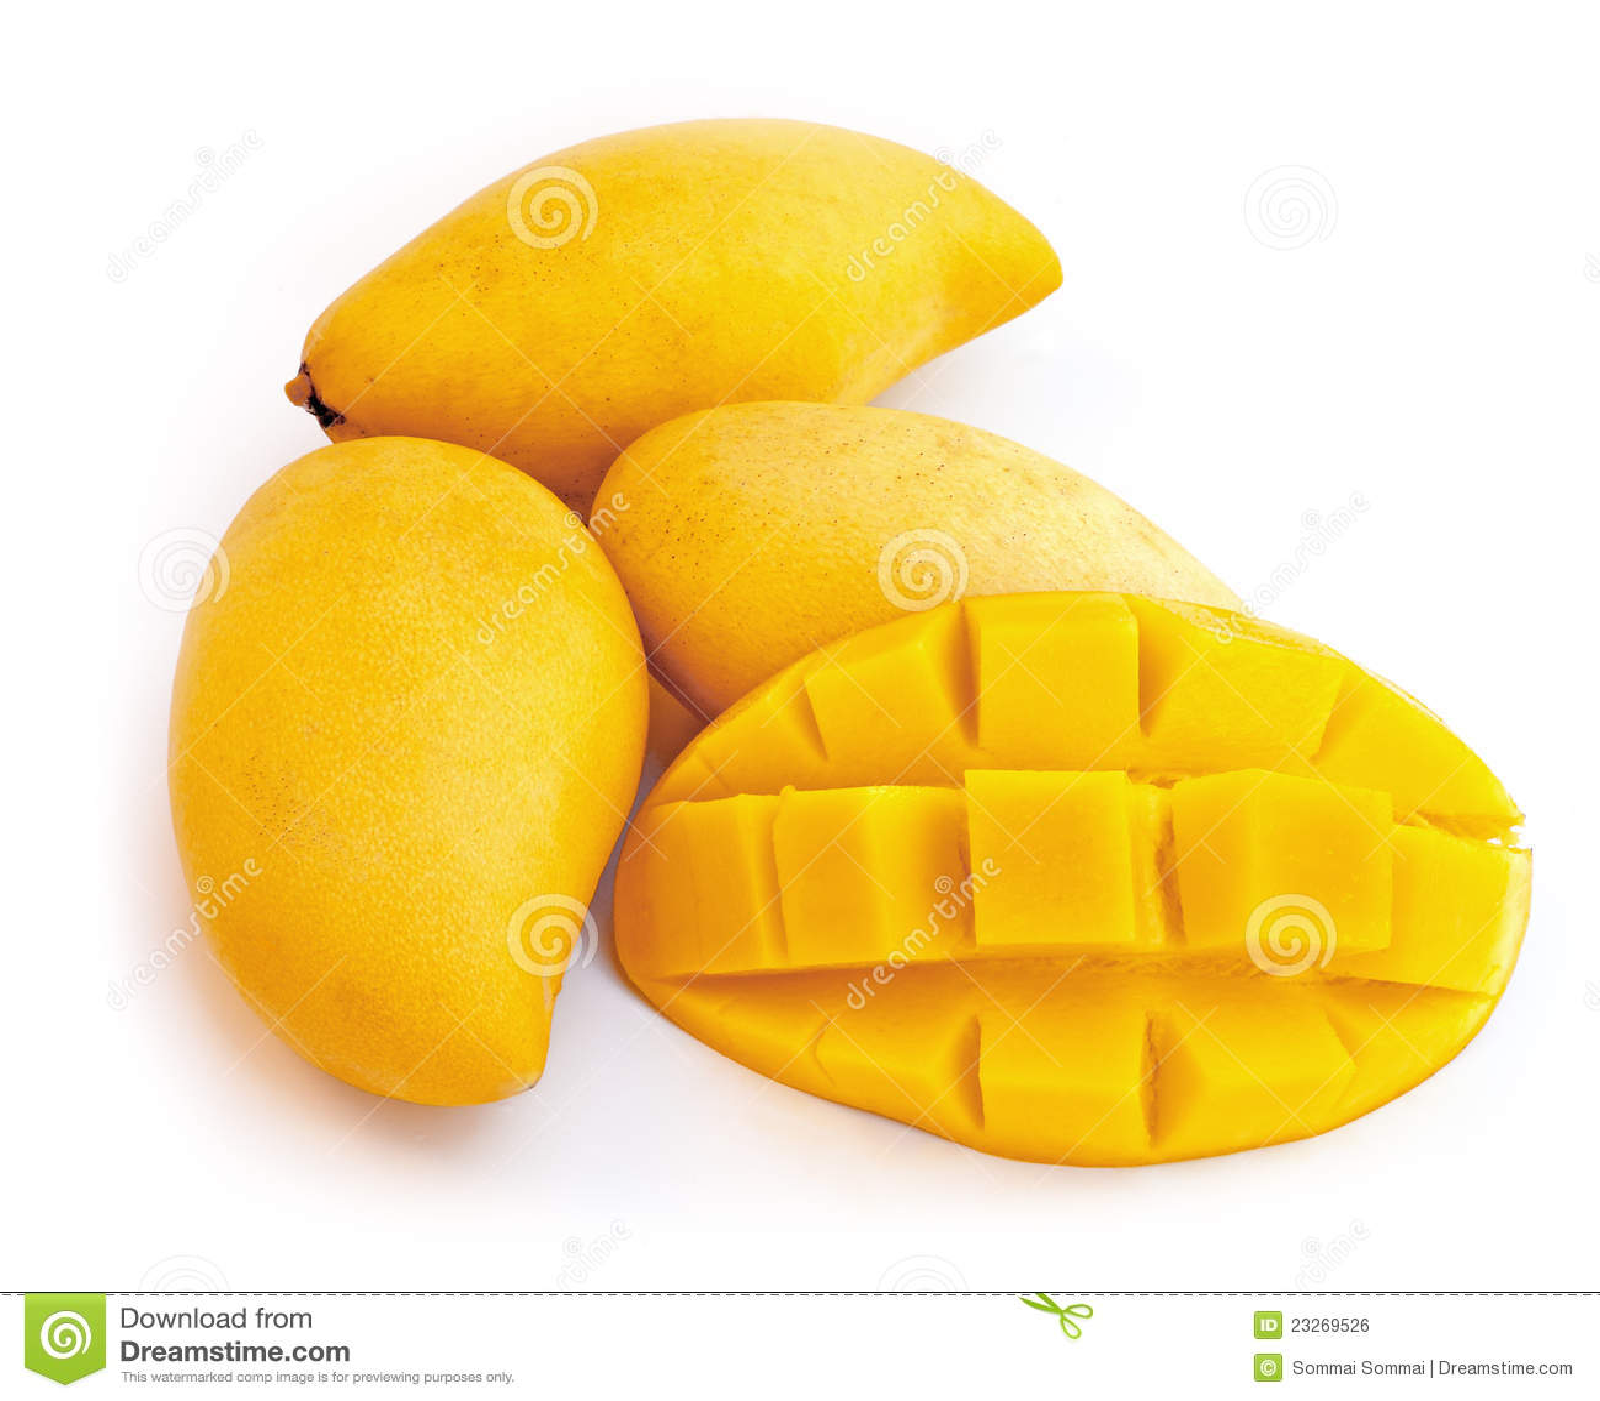 Yellow Mango Royalty Free Stock Image - Image: 23269526